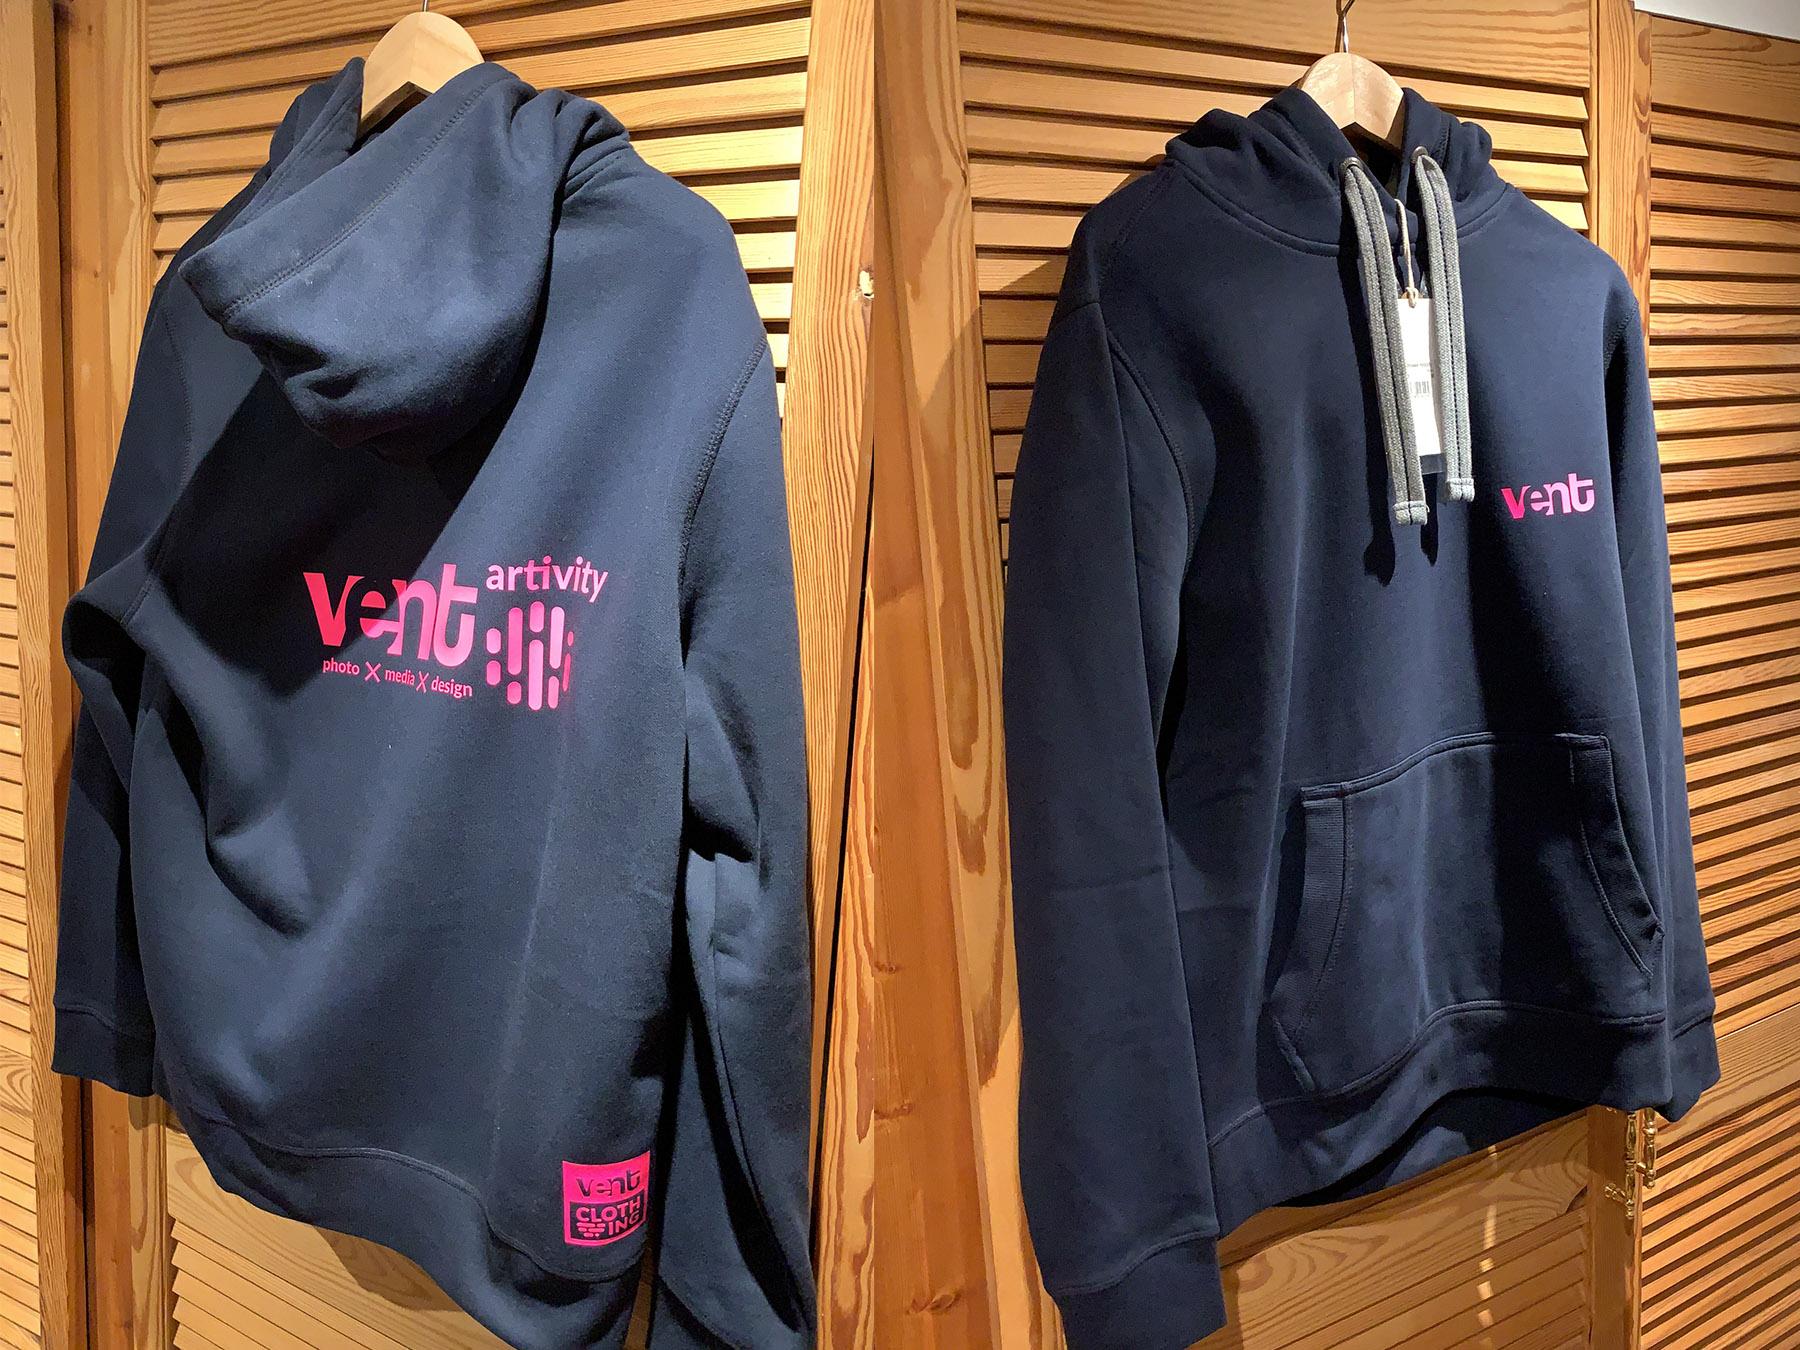 Hoodie & Shirt Transferdruck für VENT Artivity